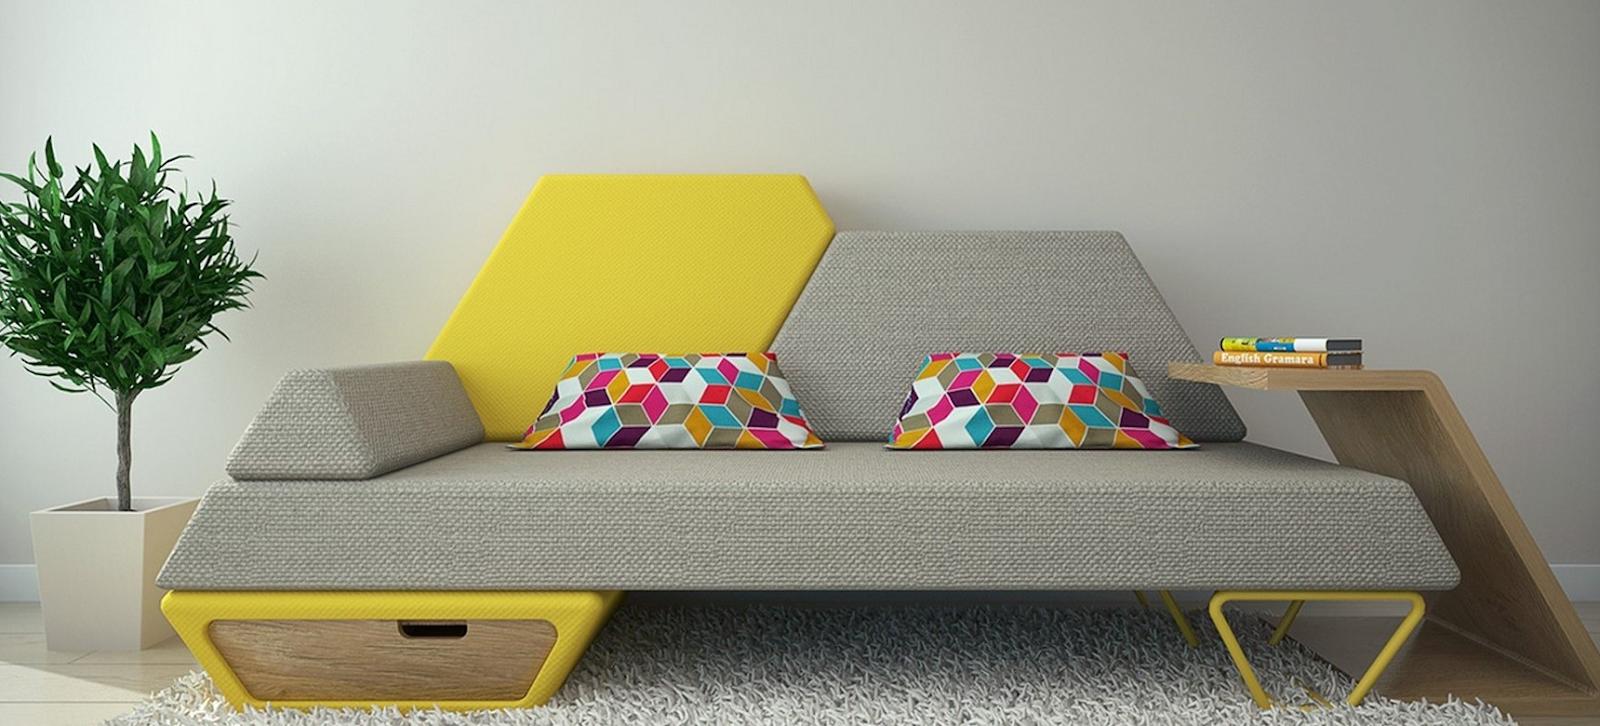 Де купити дивани в Ірпені та на якому зупинити свій вибір?, фото-2